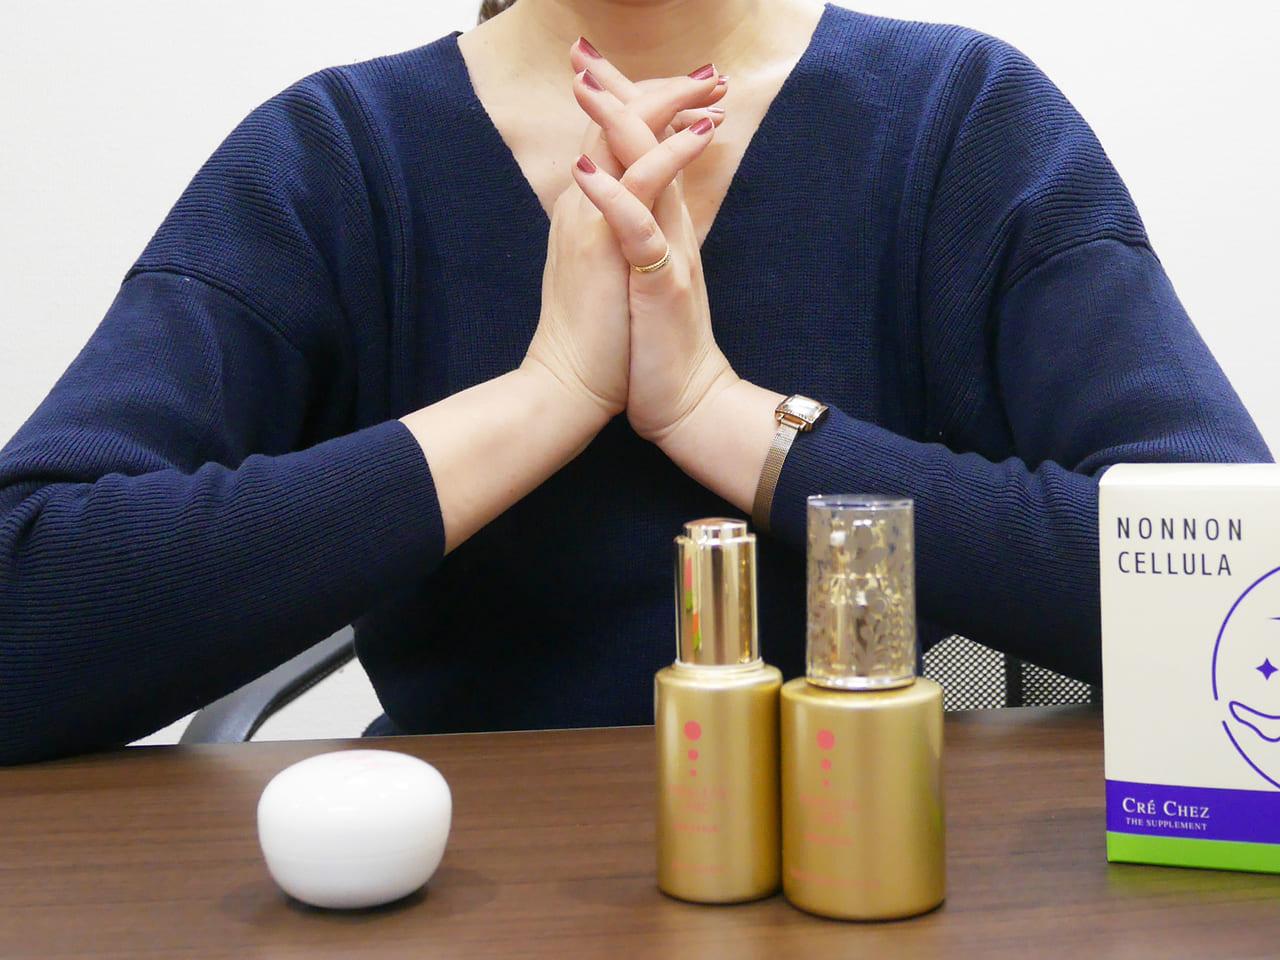 石川名美さんの化粧品開発のこだわり